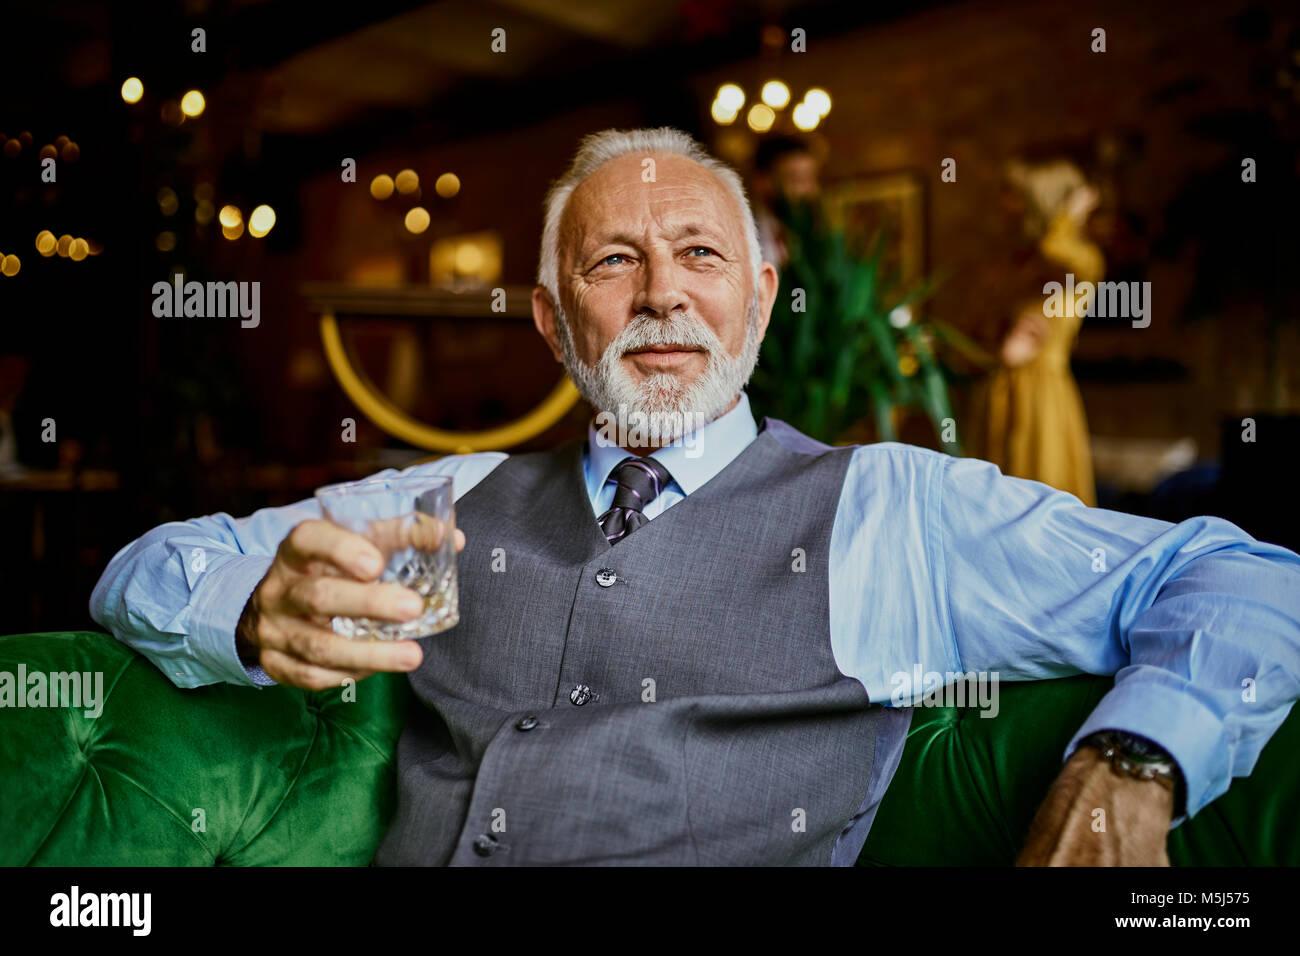 Senior elegante retrato de hombre sentado en el sofá en un bar celebración tumbler Imagen De Stock